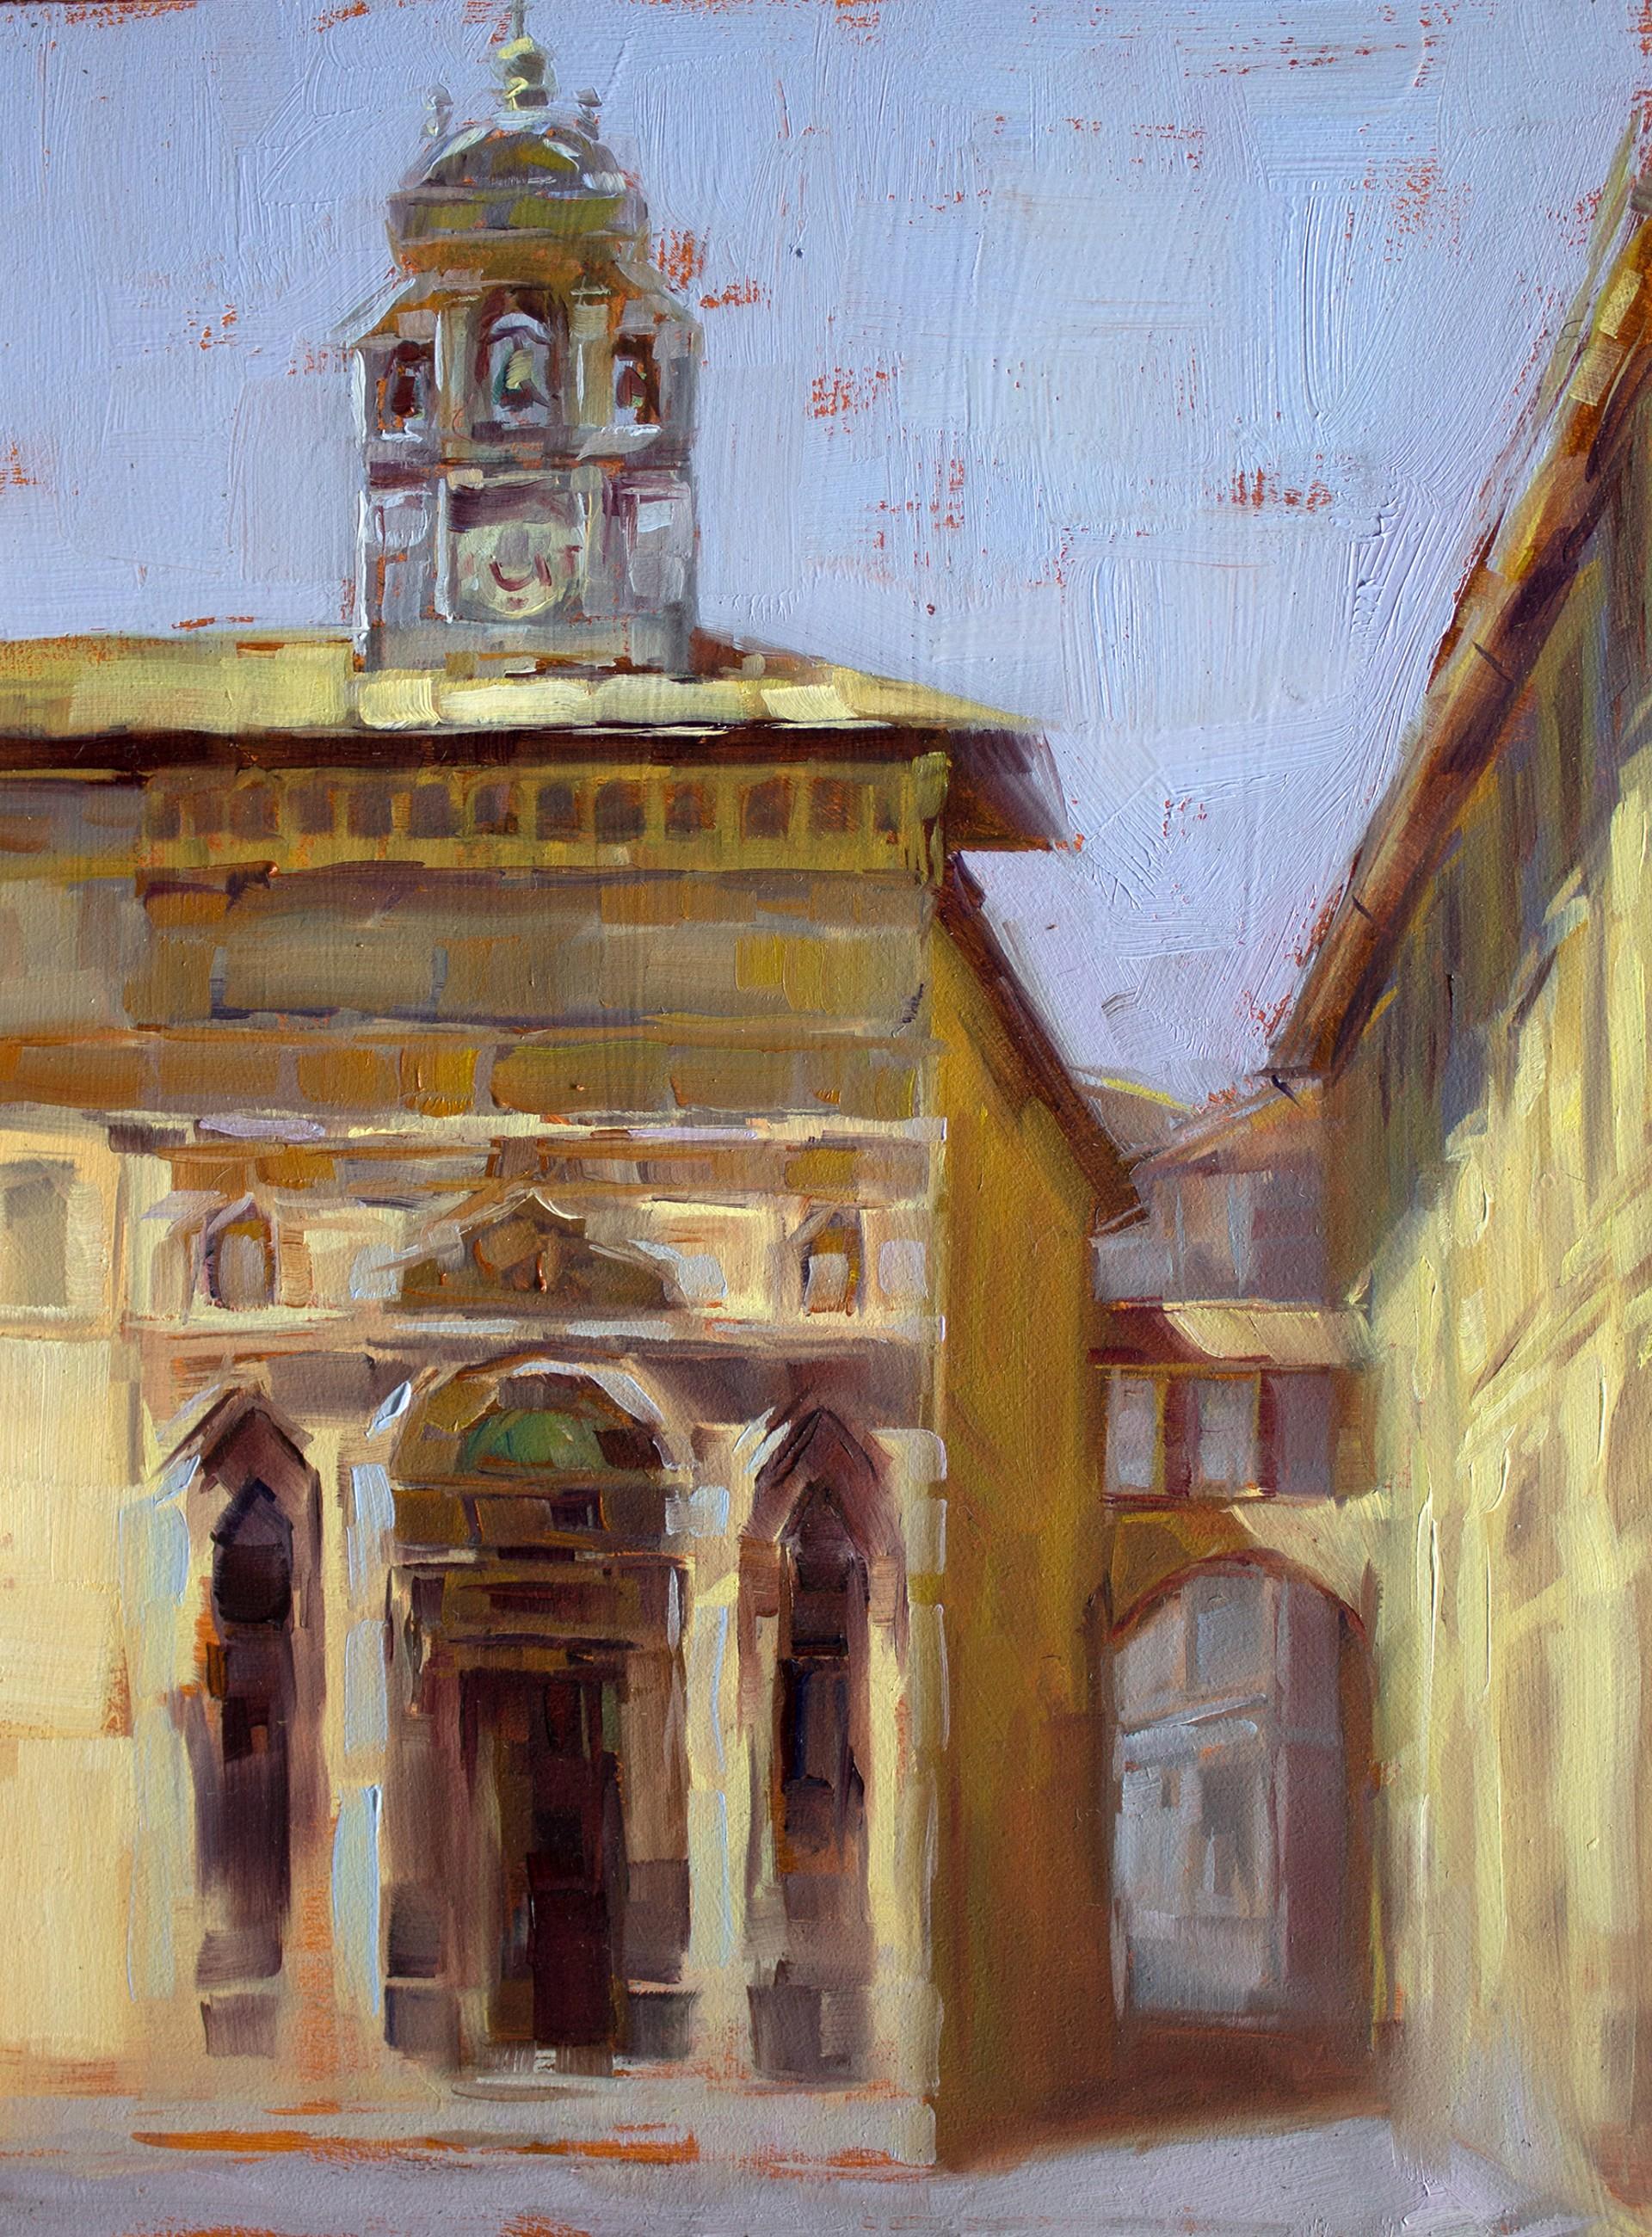 Piazza Grande by Kirsten Savage